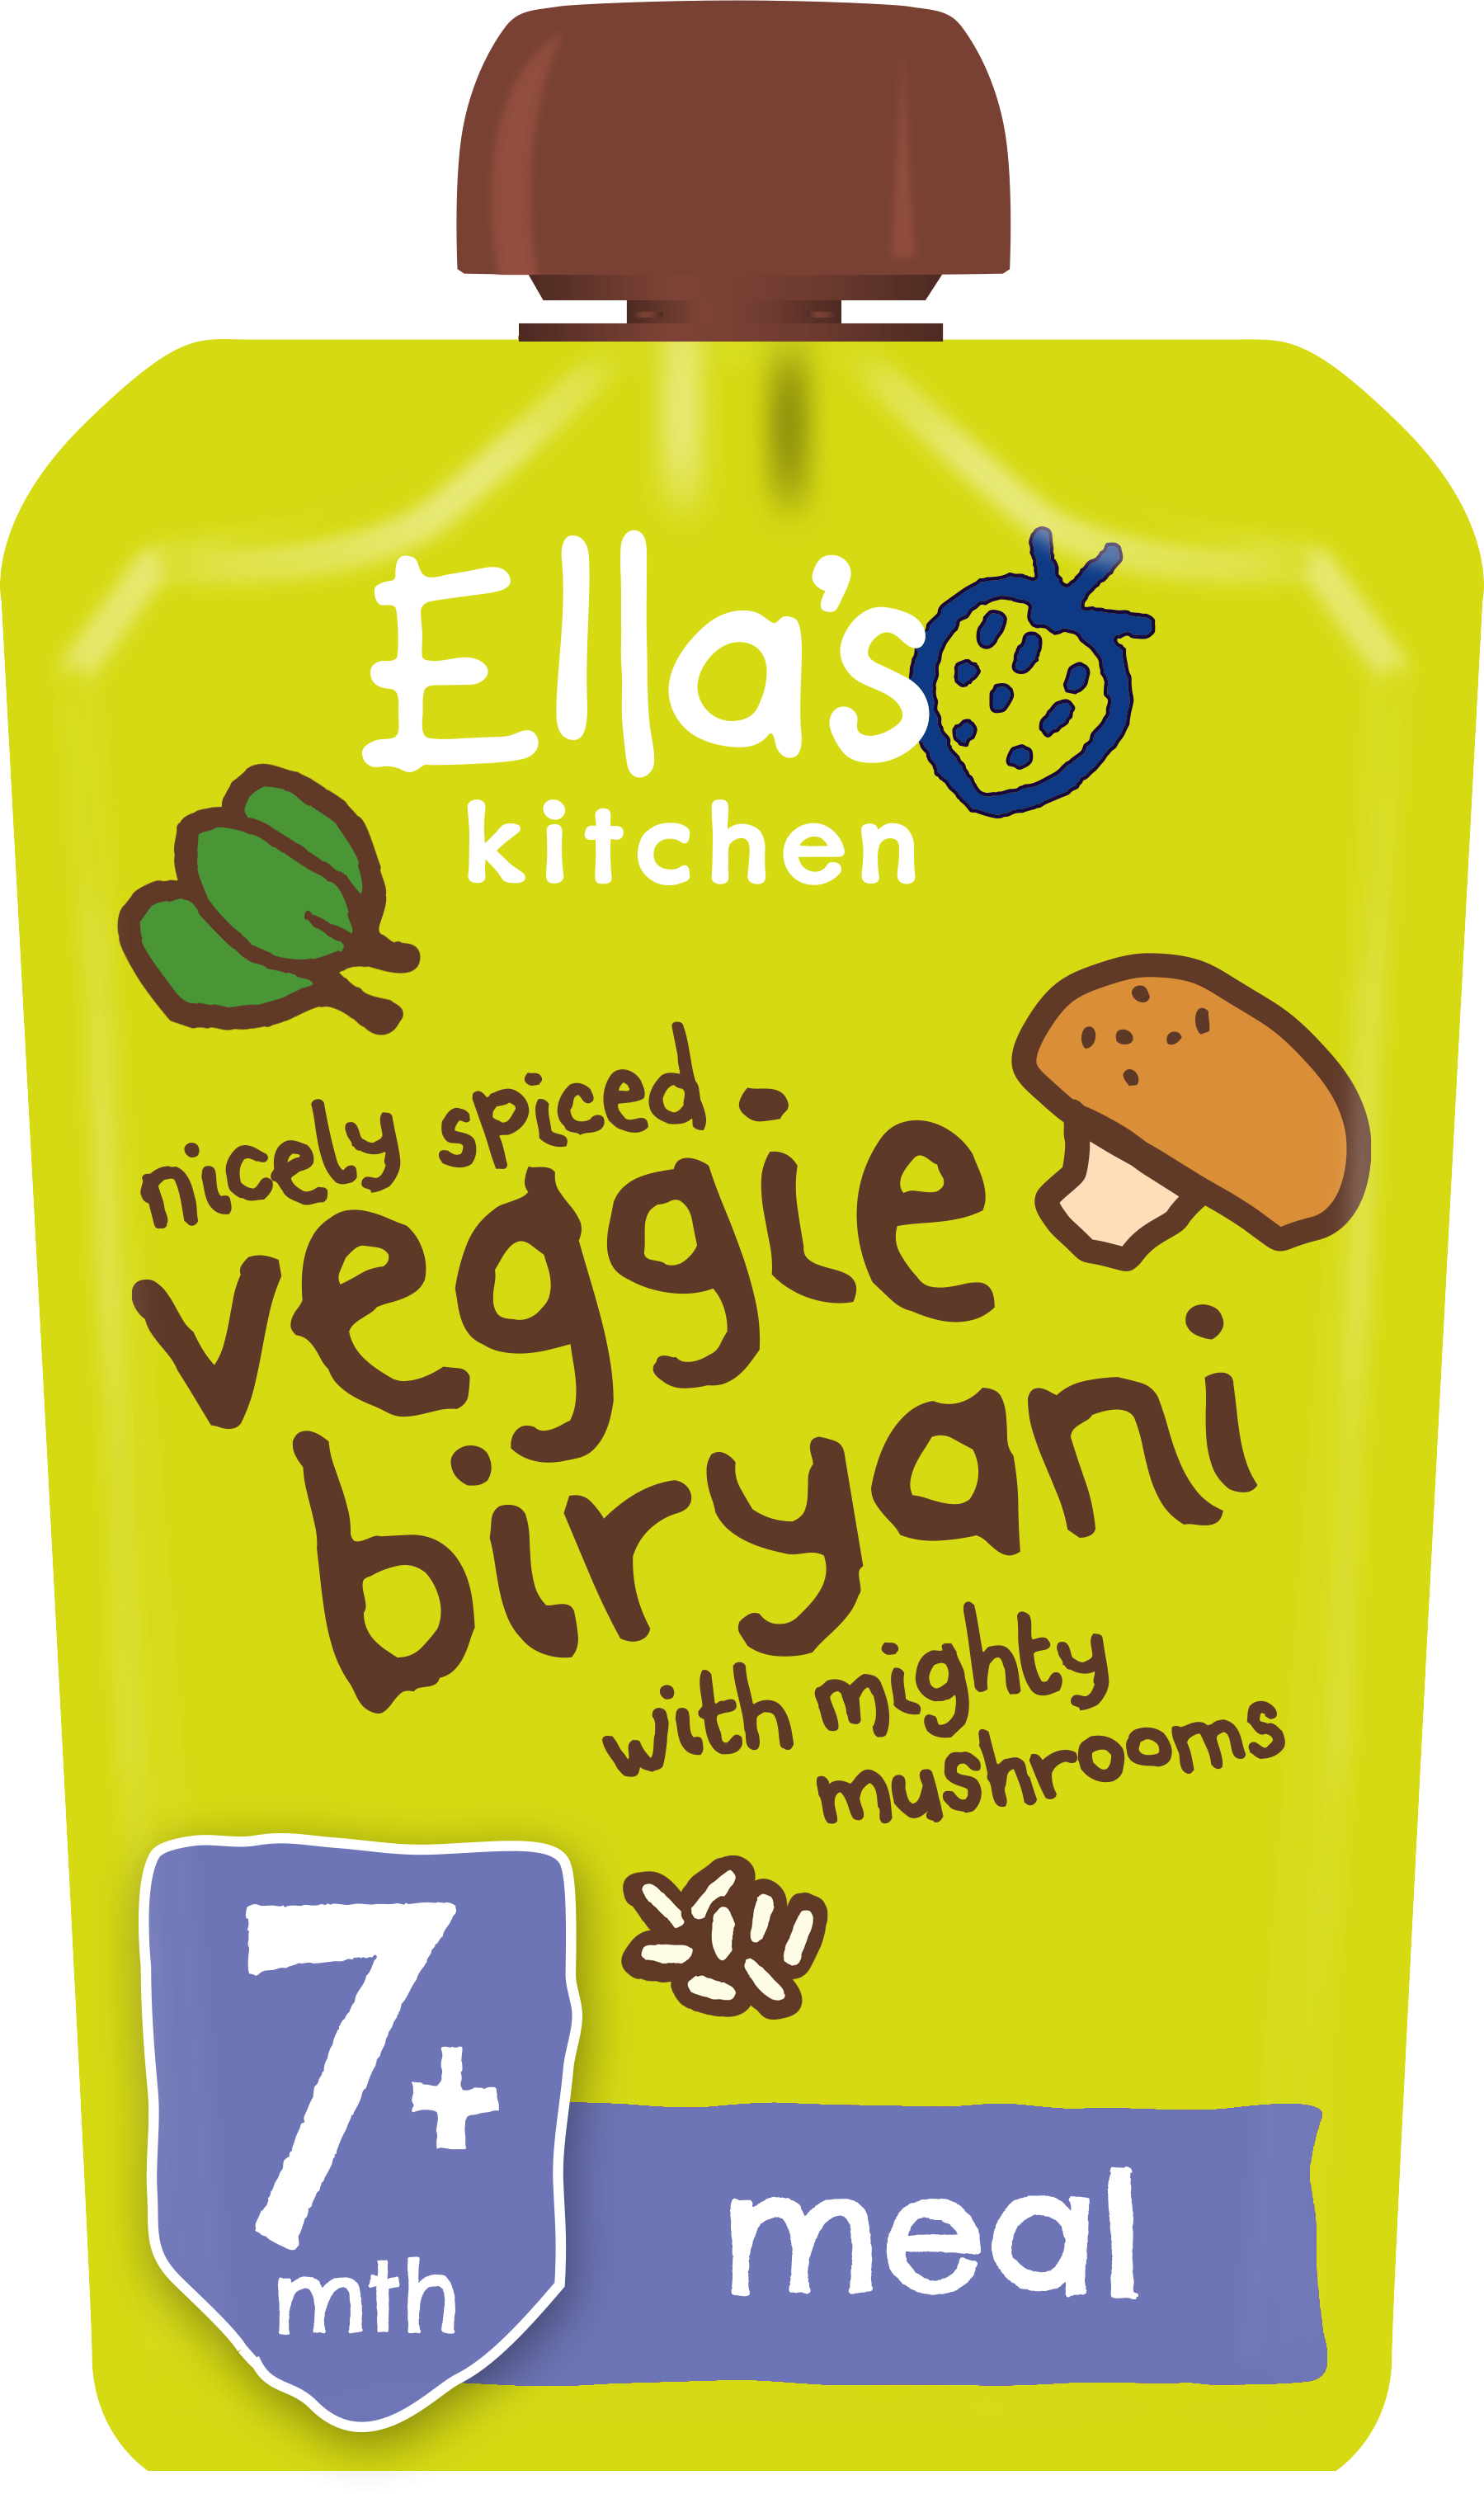 Ellas kitchen veggie biryani 7 months front of pack O